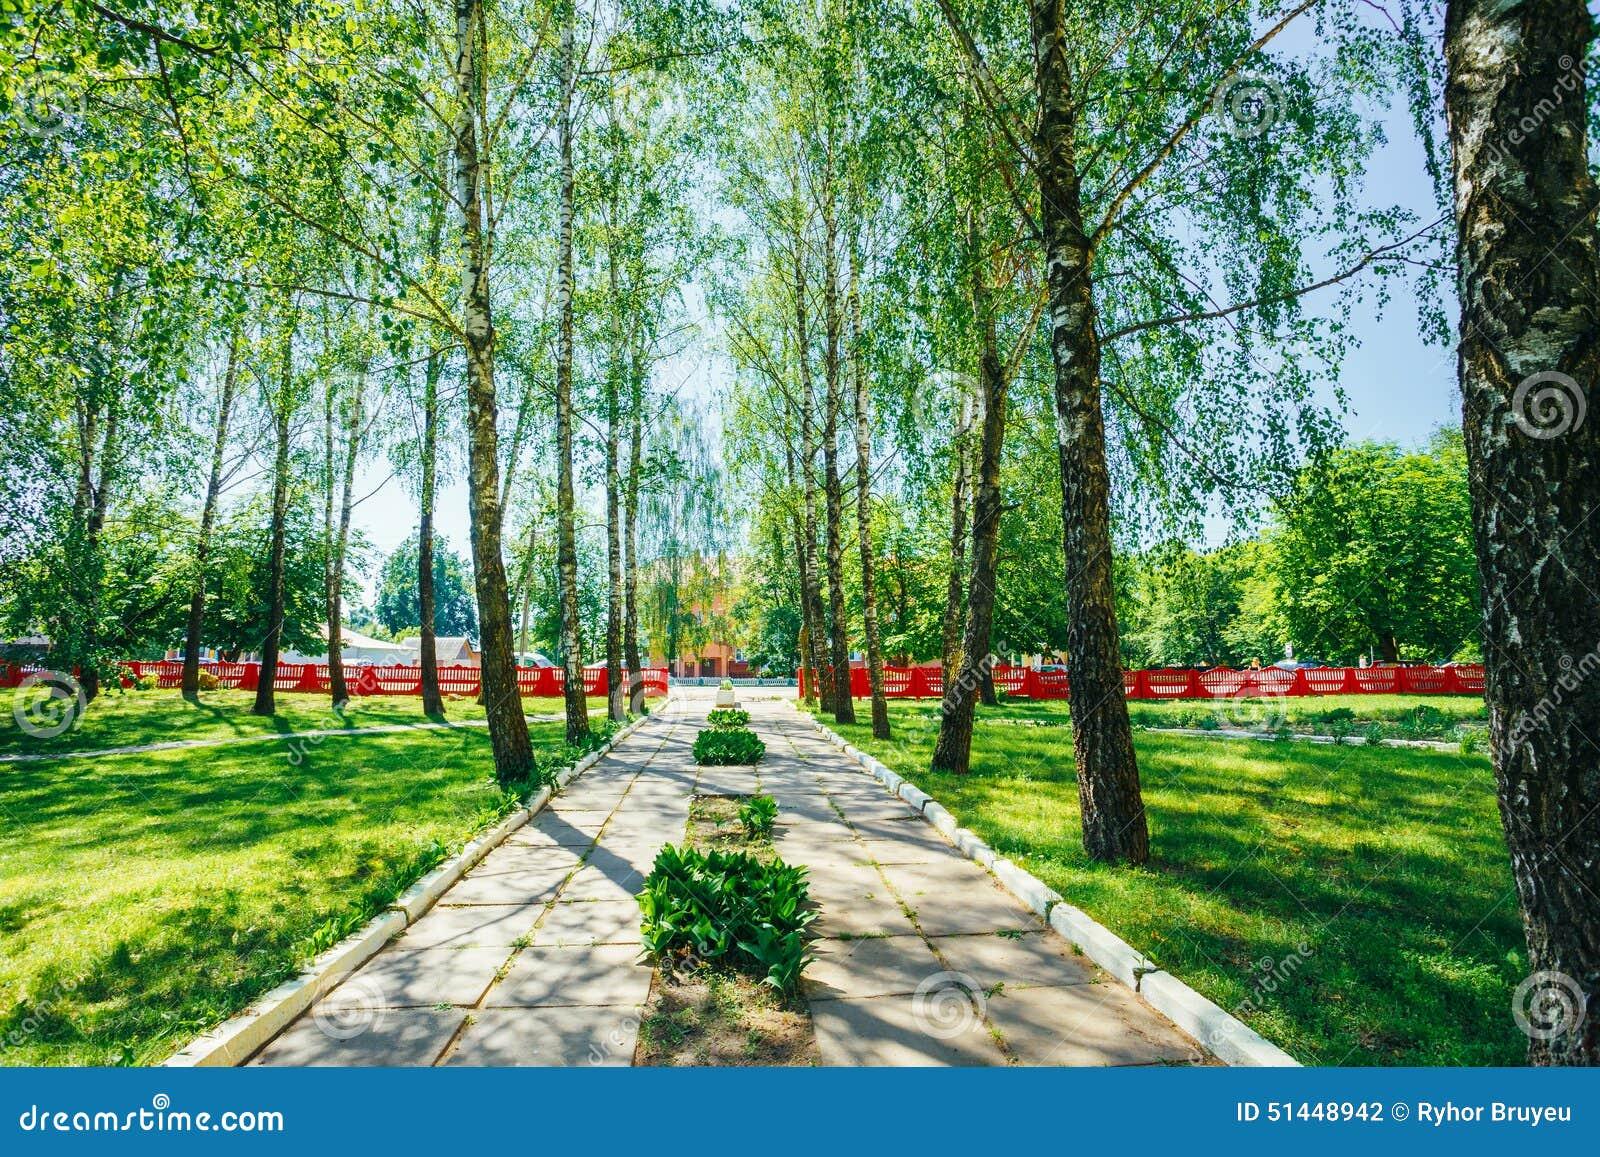 All e en parc conception de am nagement de jardin photo for Conception jardin en ligne